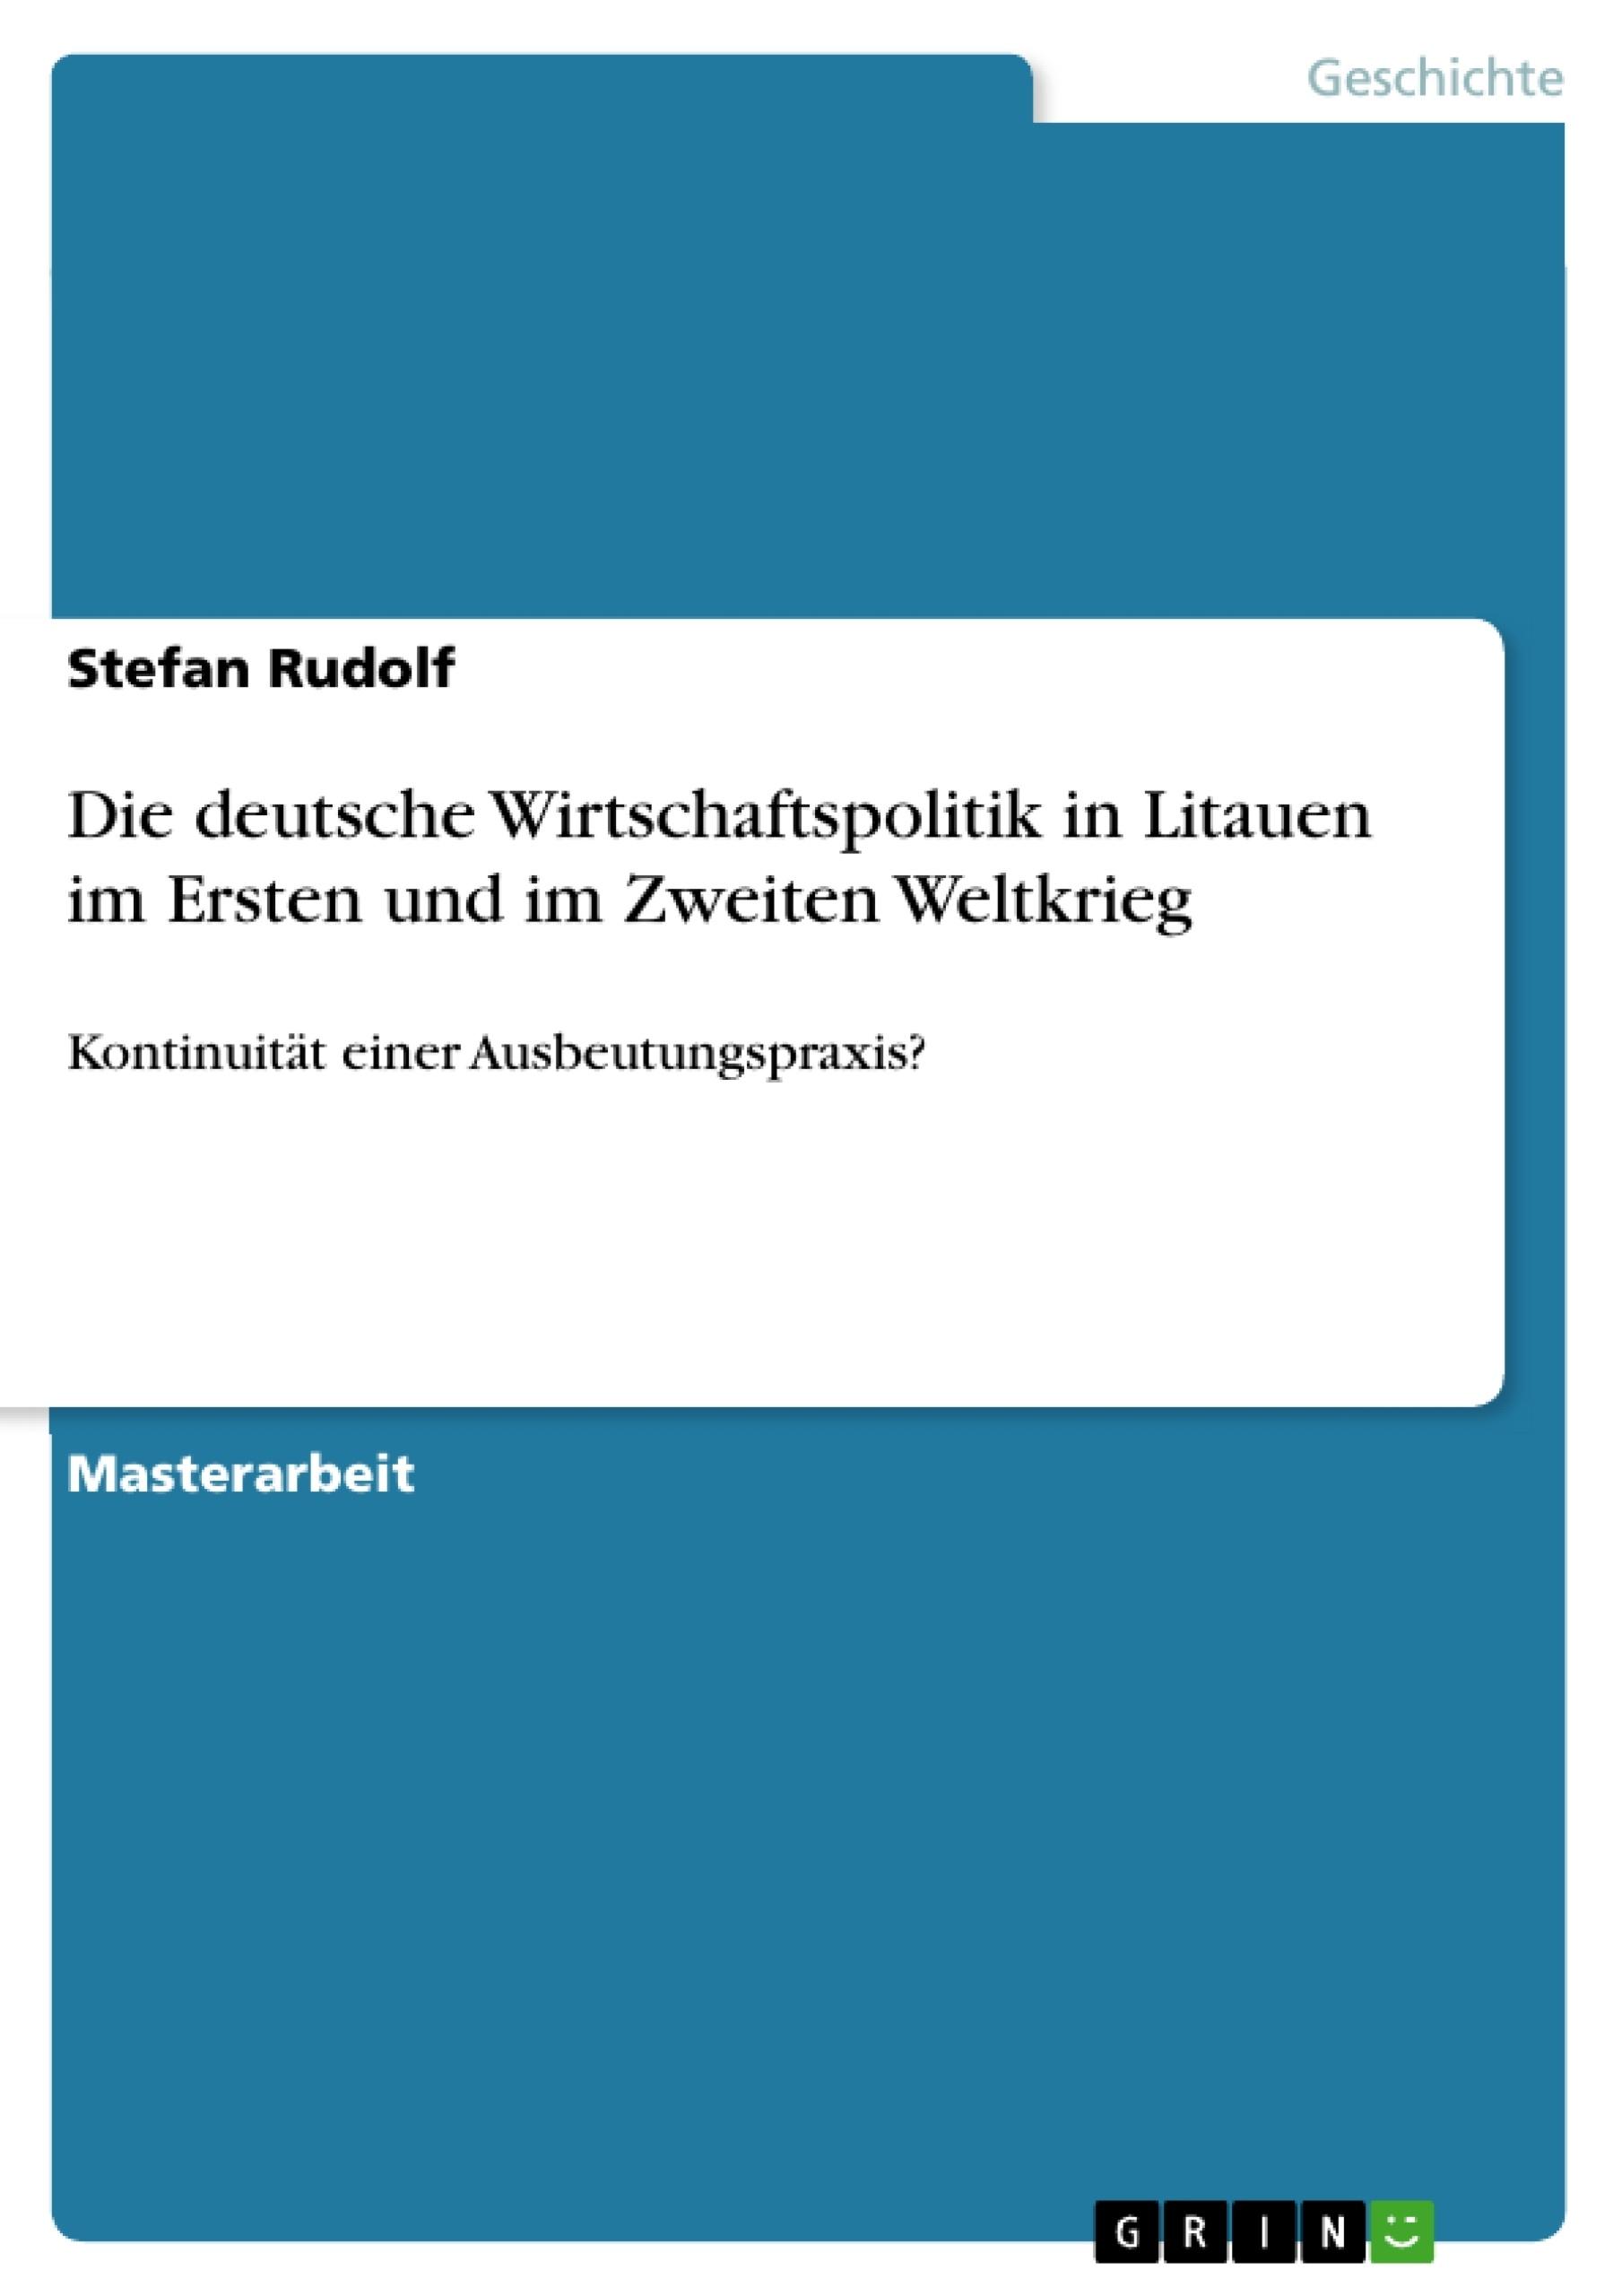 Titel: Die deutsche Wirtschaftspolitik in Litauen im Ersten und im Zweiten Weltkrieg